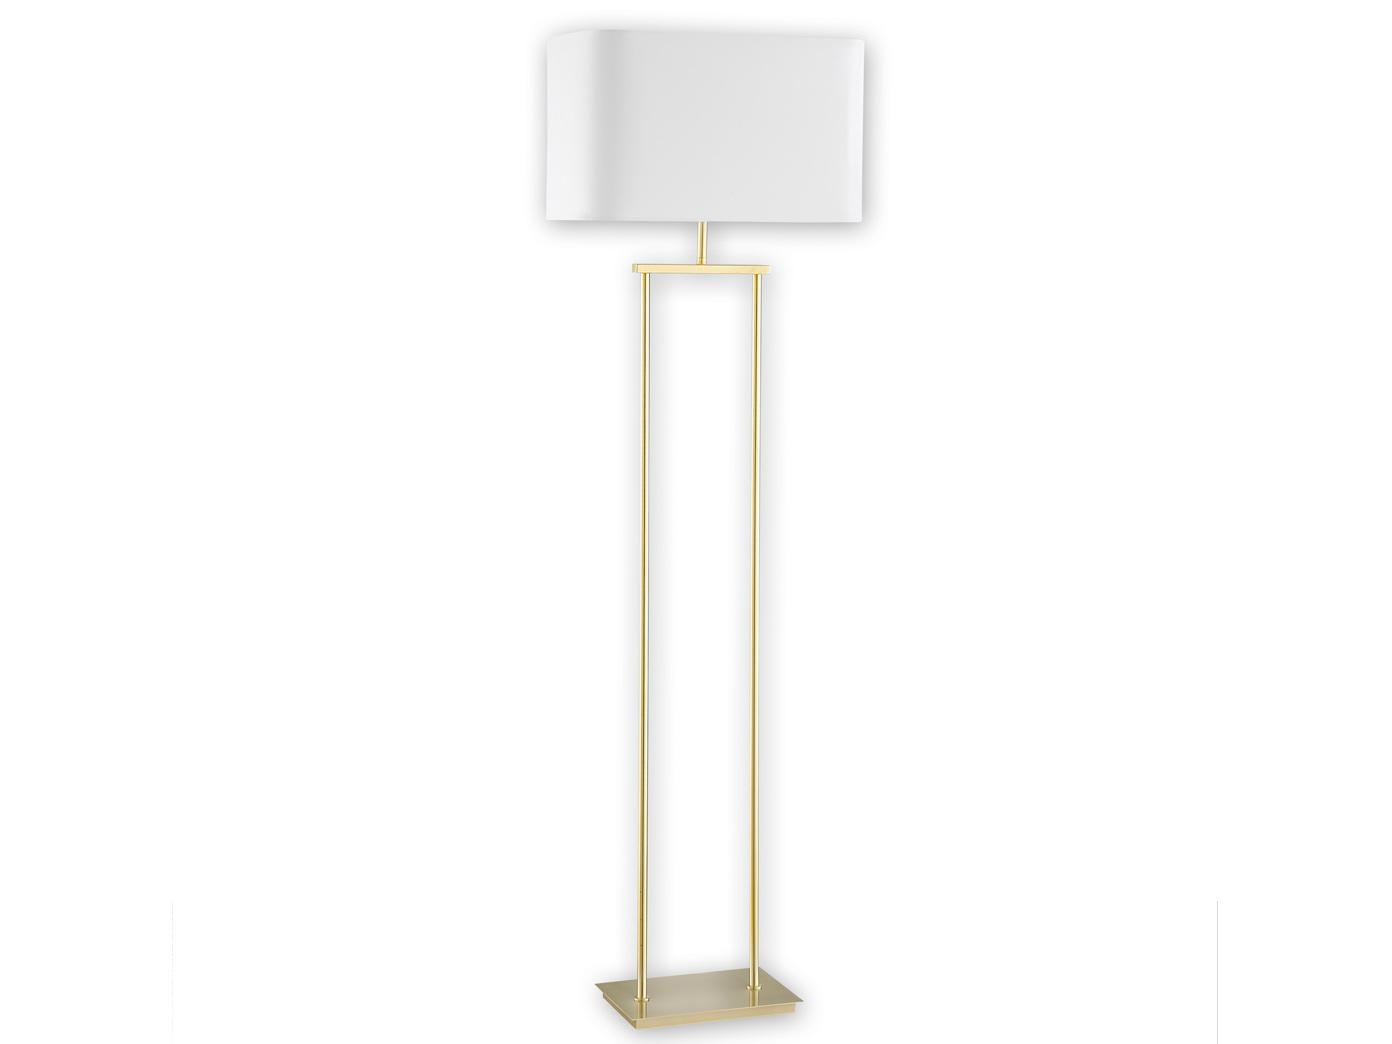 Wunderschön Stehleuchte Weiß Referenz Von Moderne-led-stehleuchte-mit-lampenschirm-eckig-weiss-h-